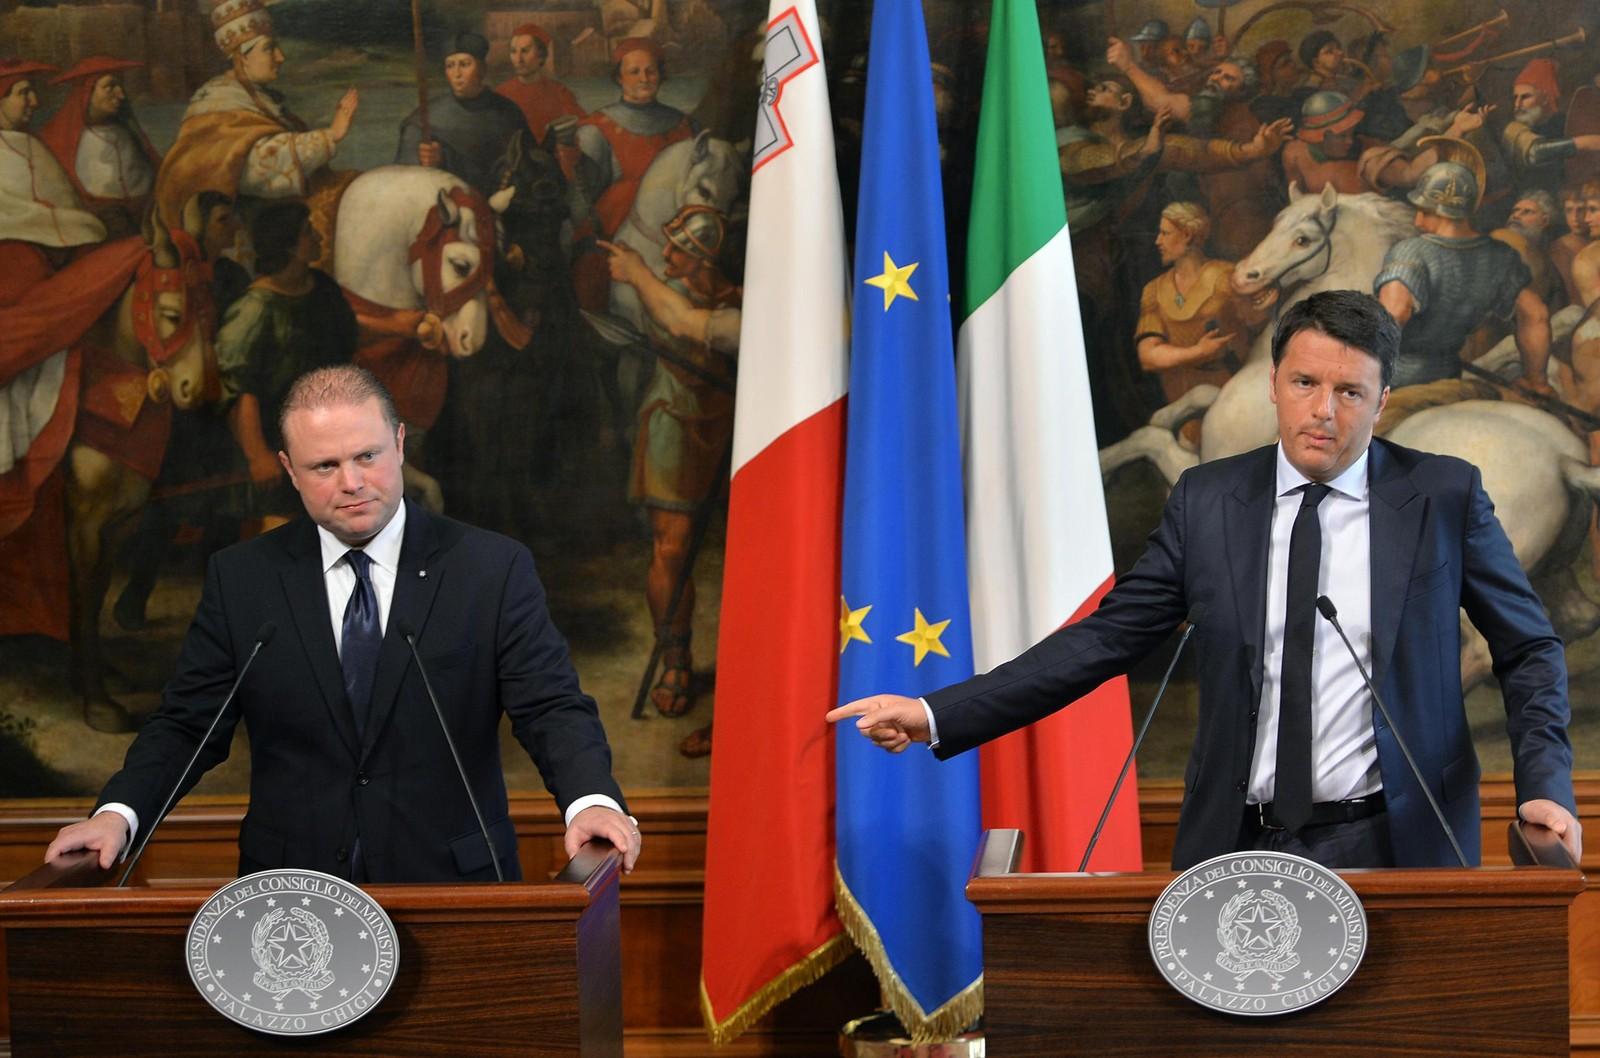 Den italienske statsministeren Matteo Renzi (høyre) holdet en pressekonferanse med Maltas statsmininster Joseph Muscat (ventre) mandag hvor de ba resten av Europa om hjelp til å takle flyktningkrisa.